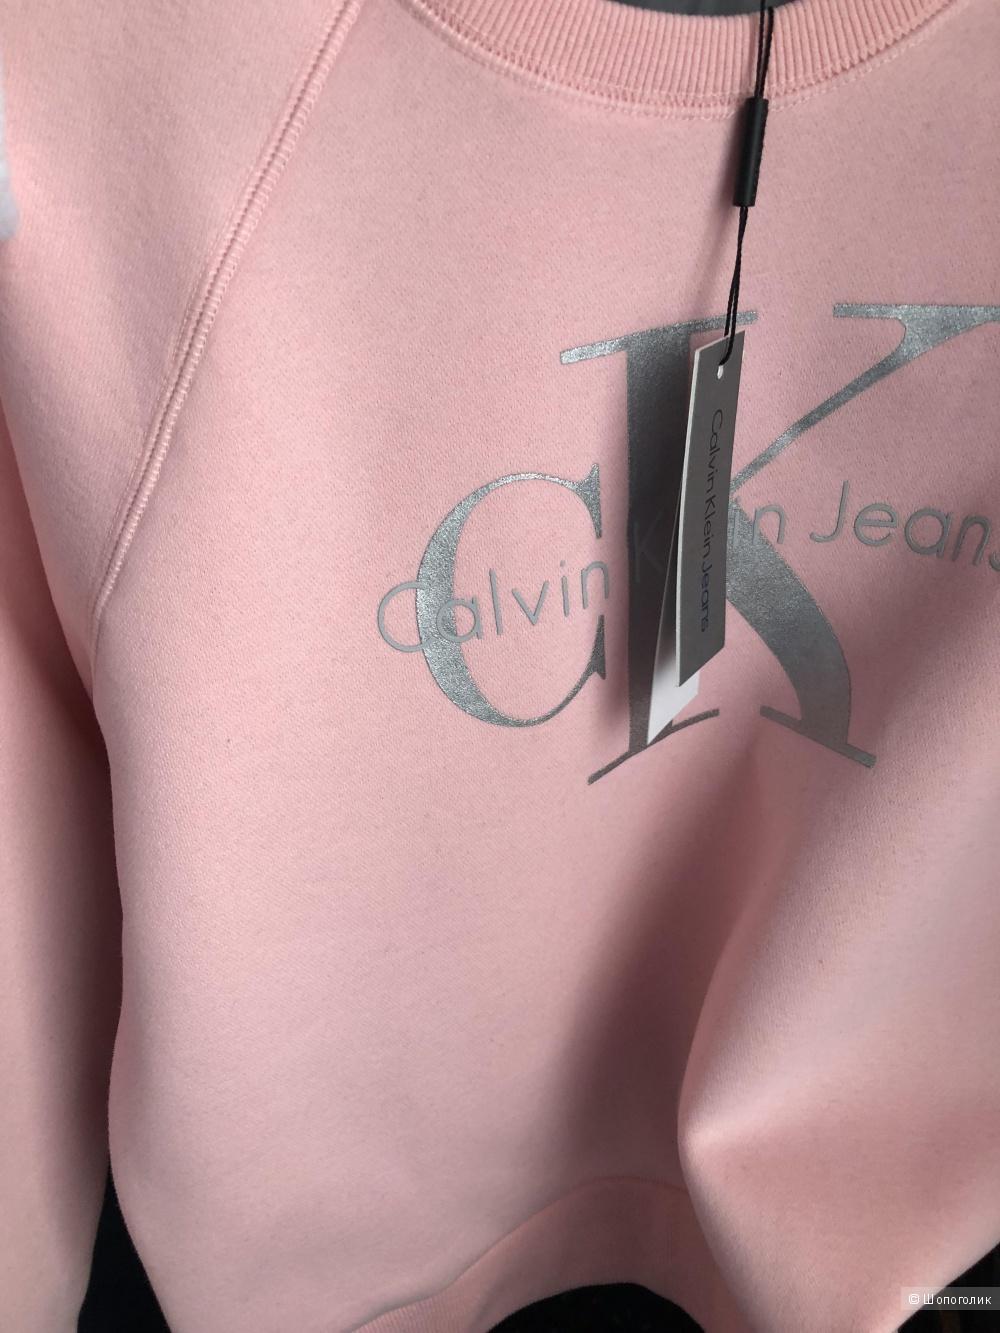 Джемпер Calvin Klein, S